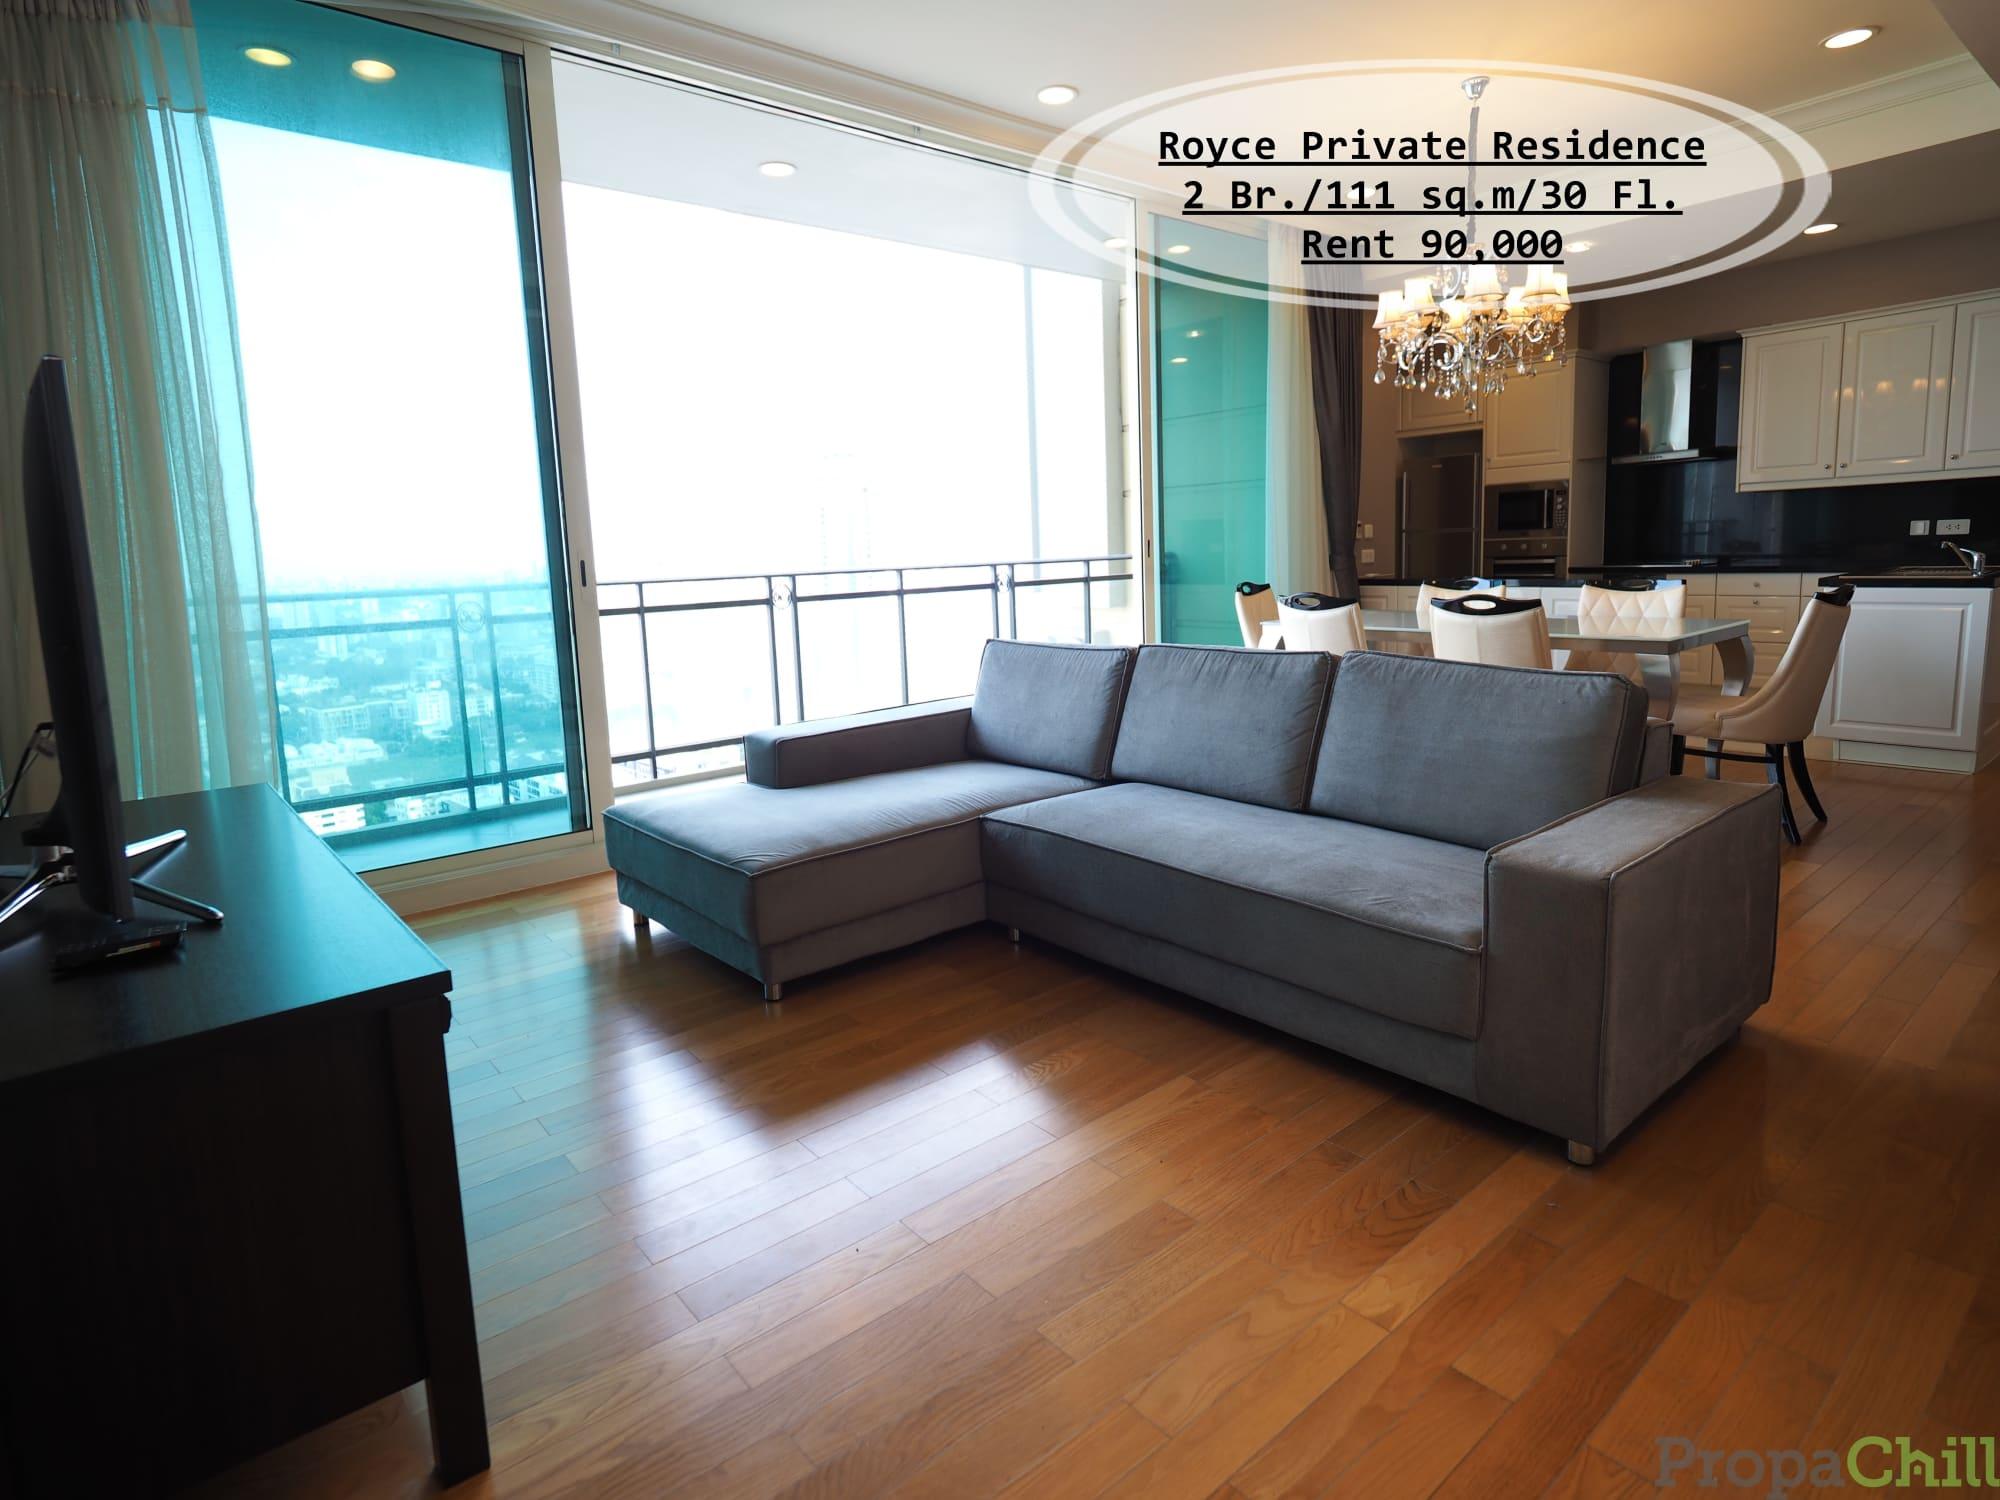 เช่า-Royce Private Residence / 2นอน/111 ตร.ม /ชั้น 30 วิวเมือง ใกล้ BTS พร้อมพงษ์  เช่า 90,000 บ.